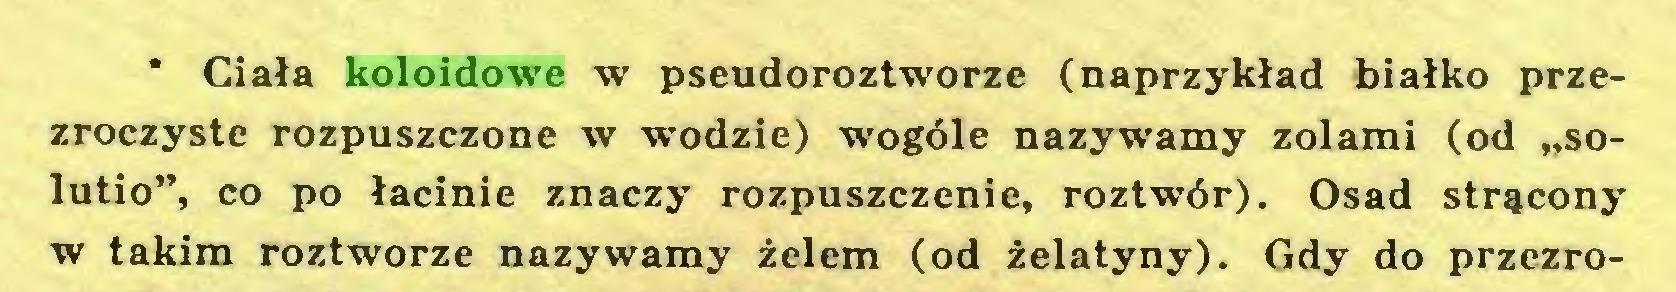 """(...) * Ciała koloidowe w pseudoroztworze (naprzykład białko przezroczyste rozpuszczone w wodzie) wogóle nazywamy zolami (od """"solutio"""", co po łacinie znaczy rozpuszczenie, roztwór). Osad strącony w takim roztworze nazywamy żelem (od żelatyny). Gdy do przezro..."""